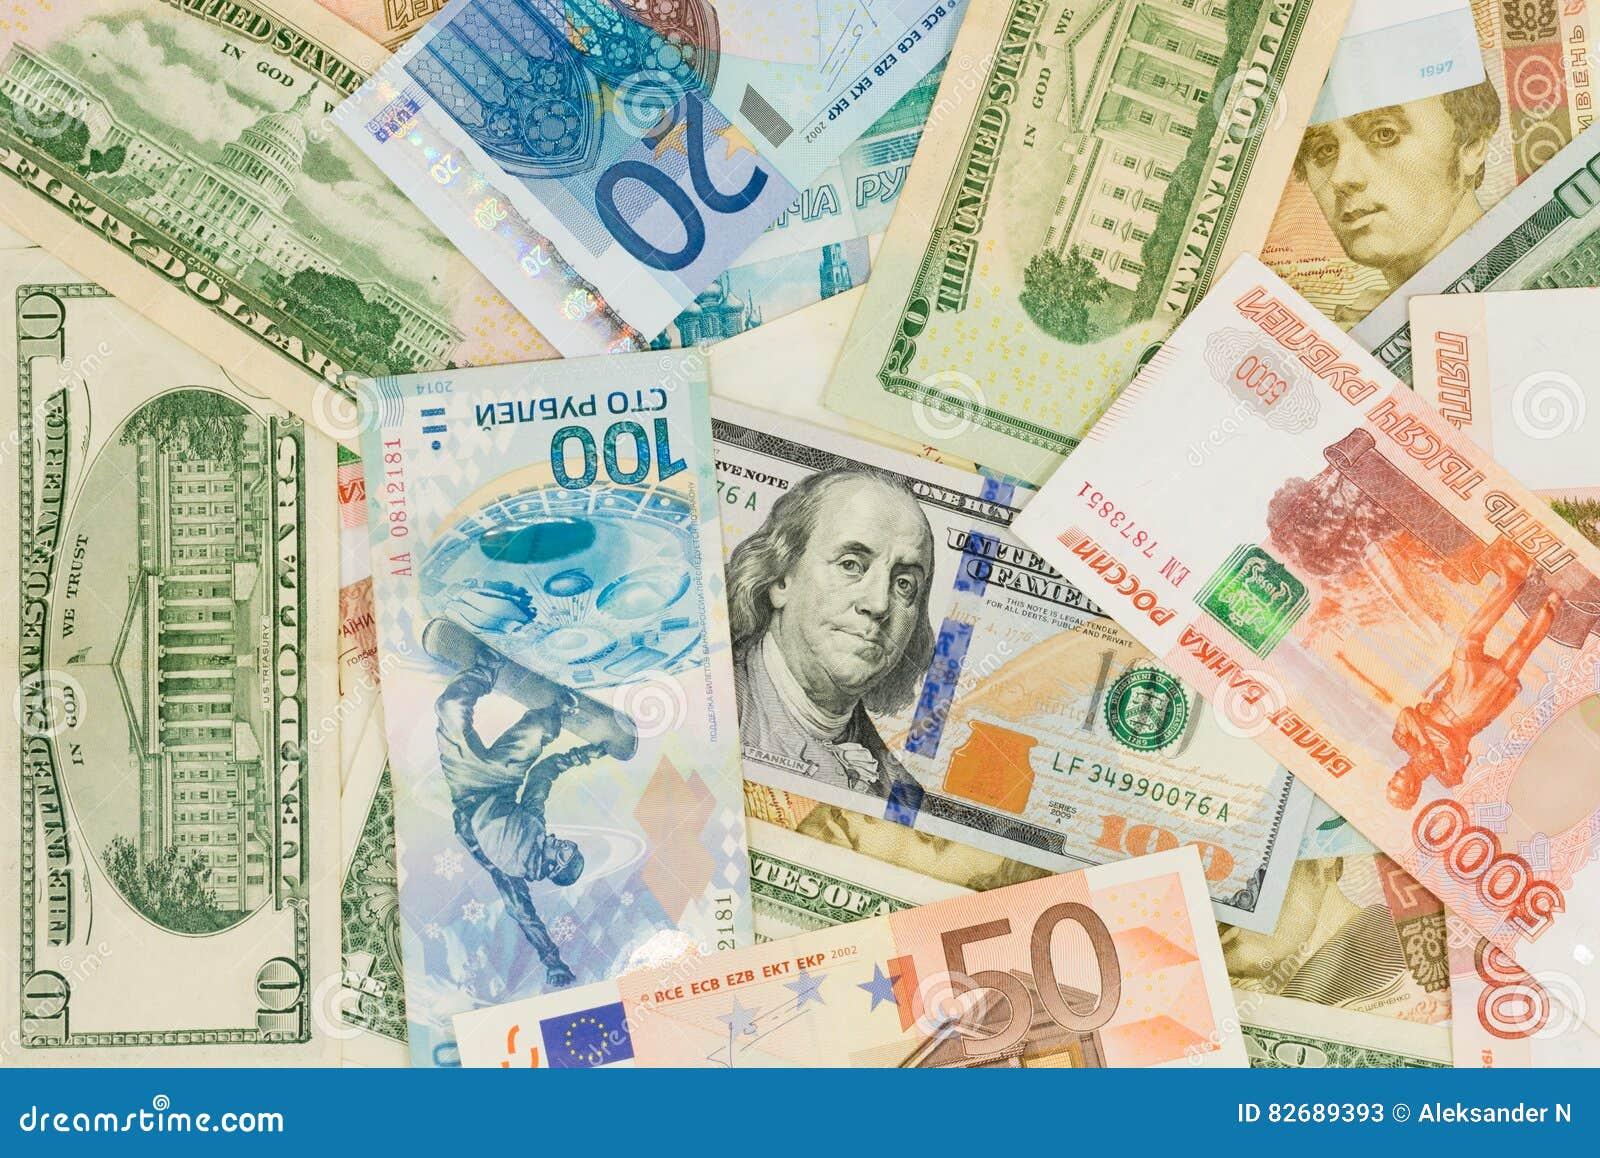 Pieniądze od różnych krajów: dolary, euro, hryvnia, ruble